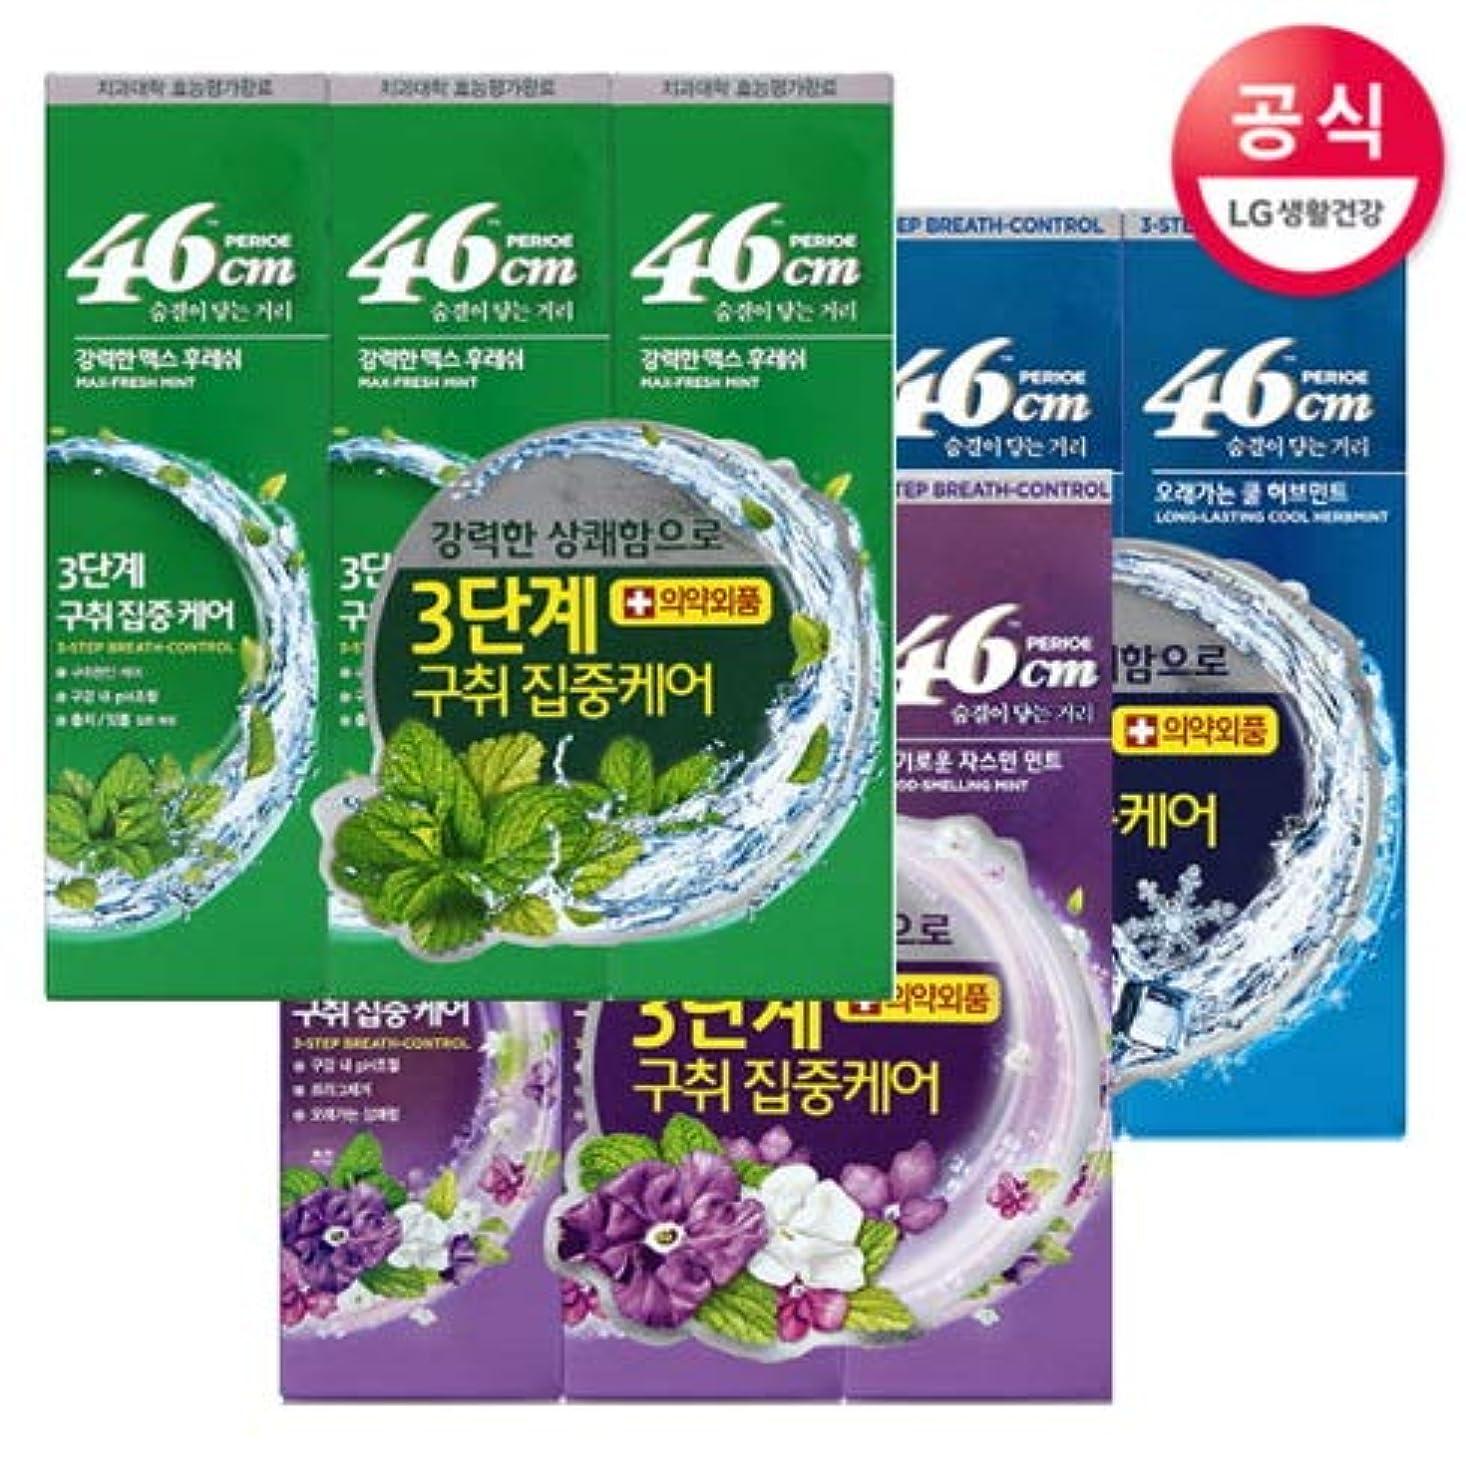 口述遵守する誘惑[LG HnB] Perio 46cm toothpaste /ペリオ46cm歯磨き粉 100gx9個(海外直送品)